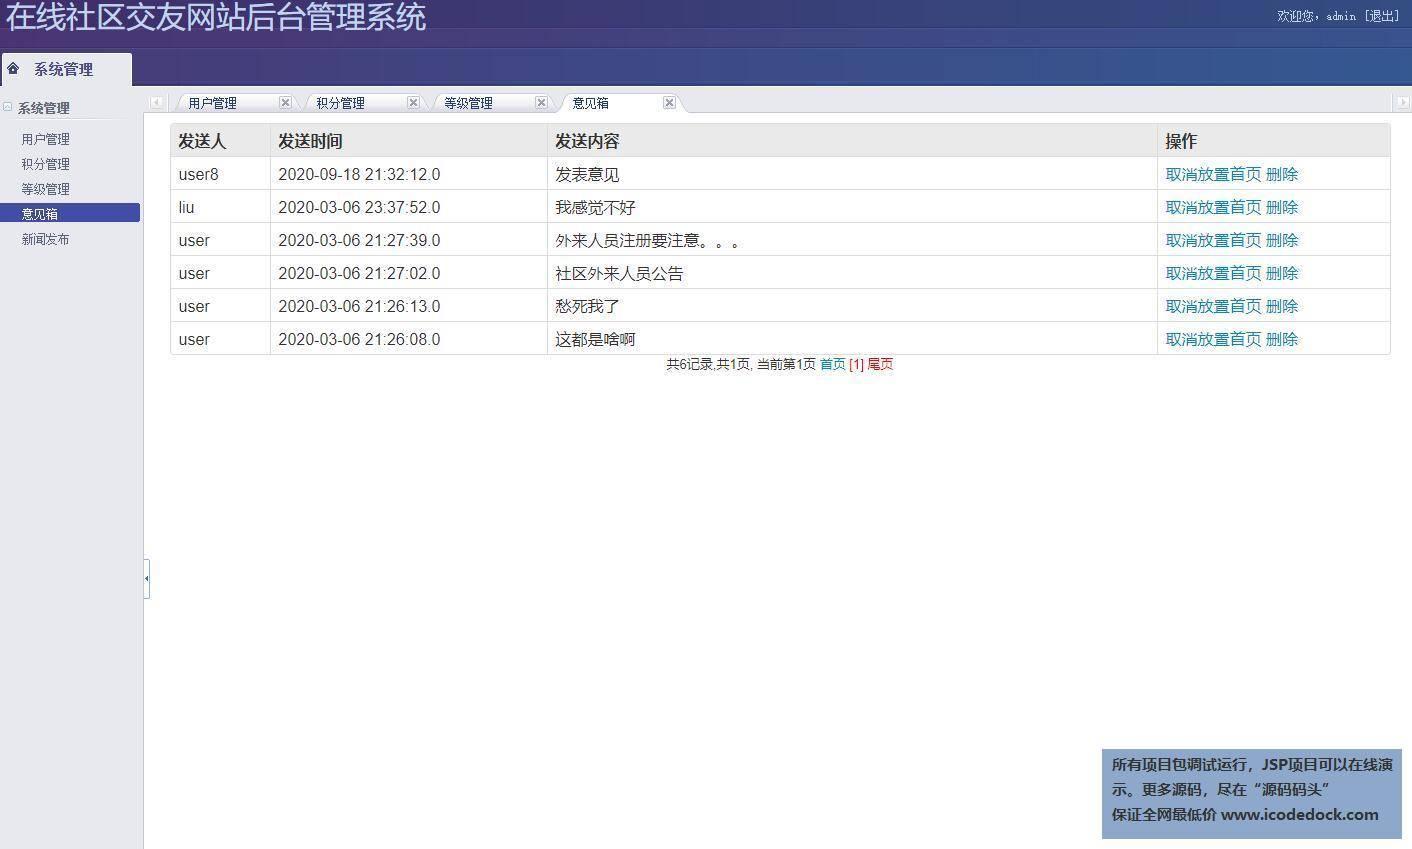 源码码头-SSH在线交流网站平台管理系统-管理员角色-意见箱管理